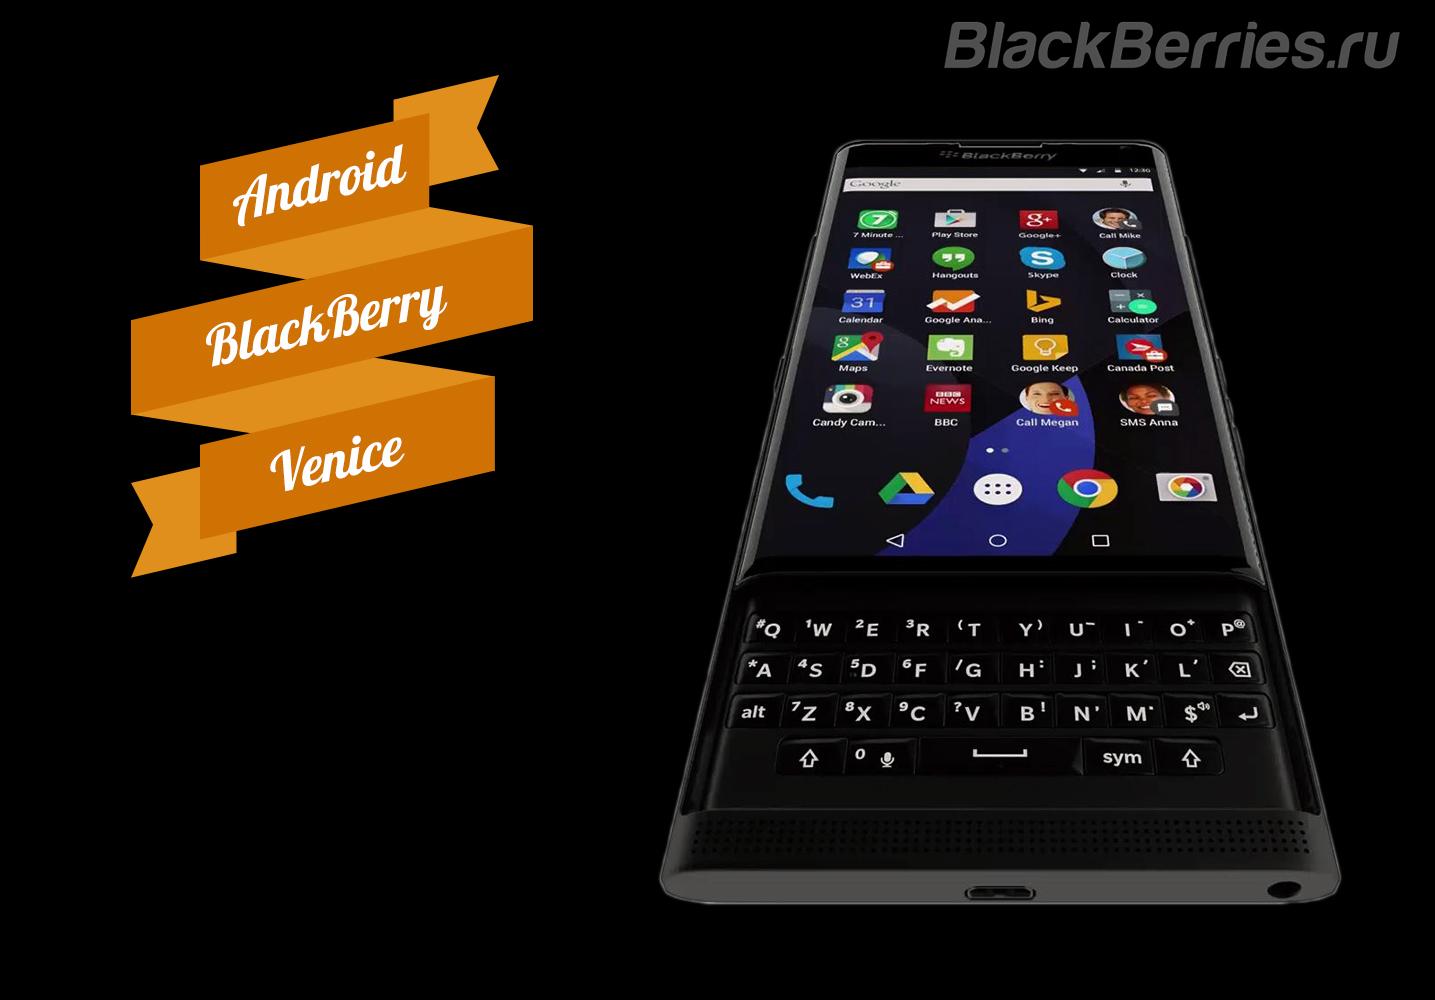 BlackBerry-Avenger